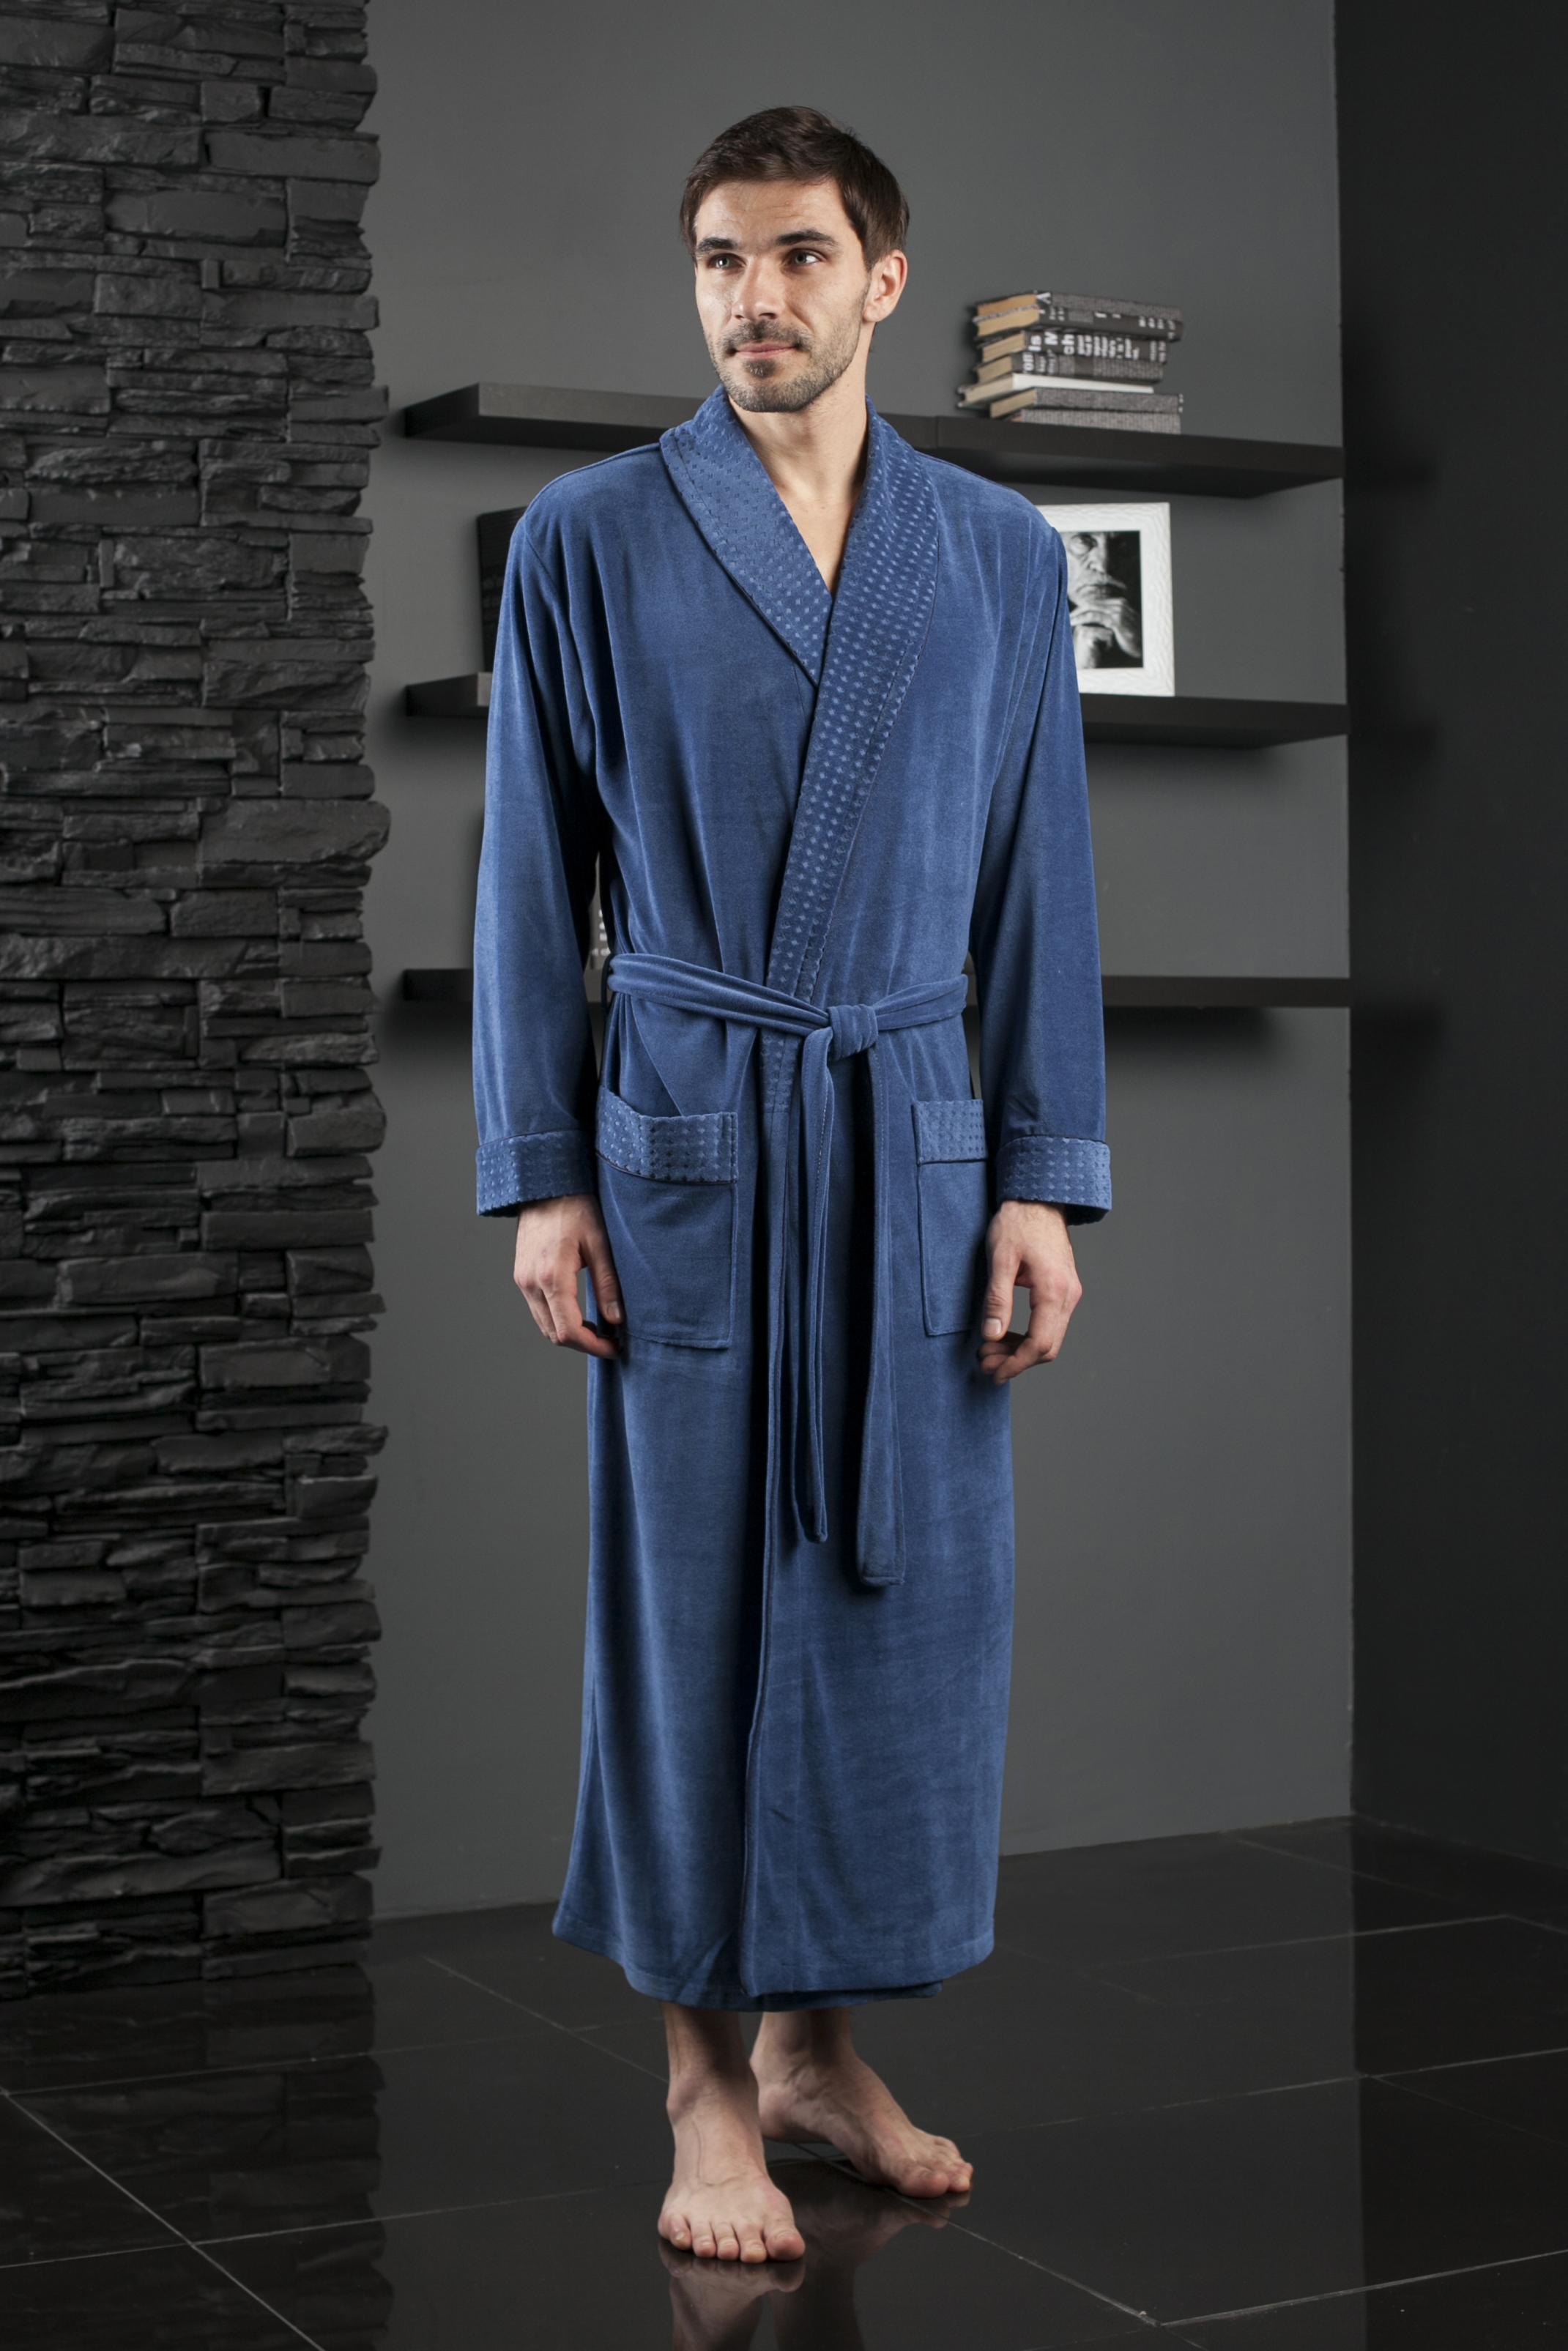 Халат мужской. 450450Солидный длинный мужской халат с шалькой. Облегченная модель в однотонном исполнении. Жаккардовая ткань по шальке,манжетам и карманам. Декоративная отделка кантом в тон.